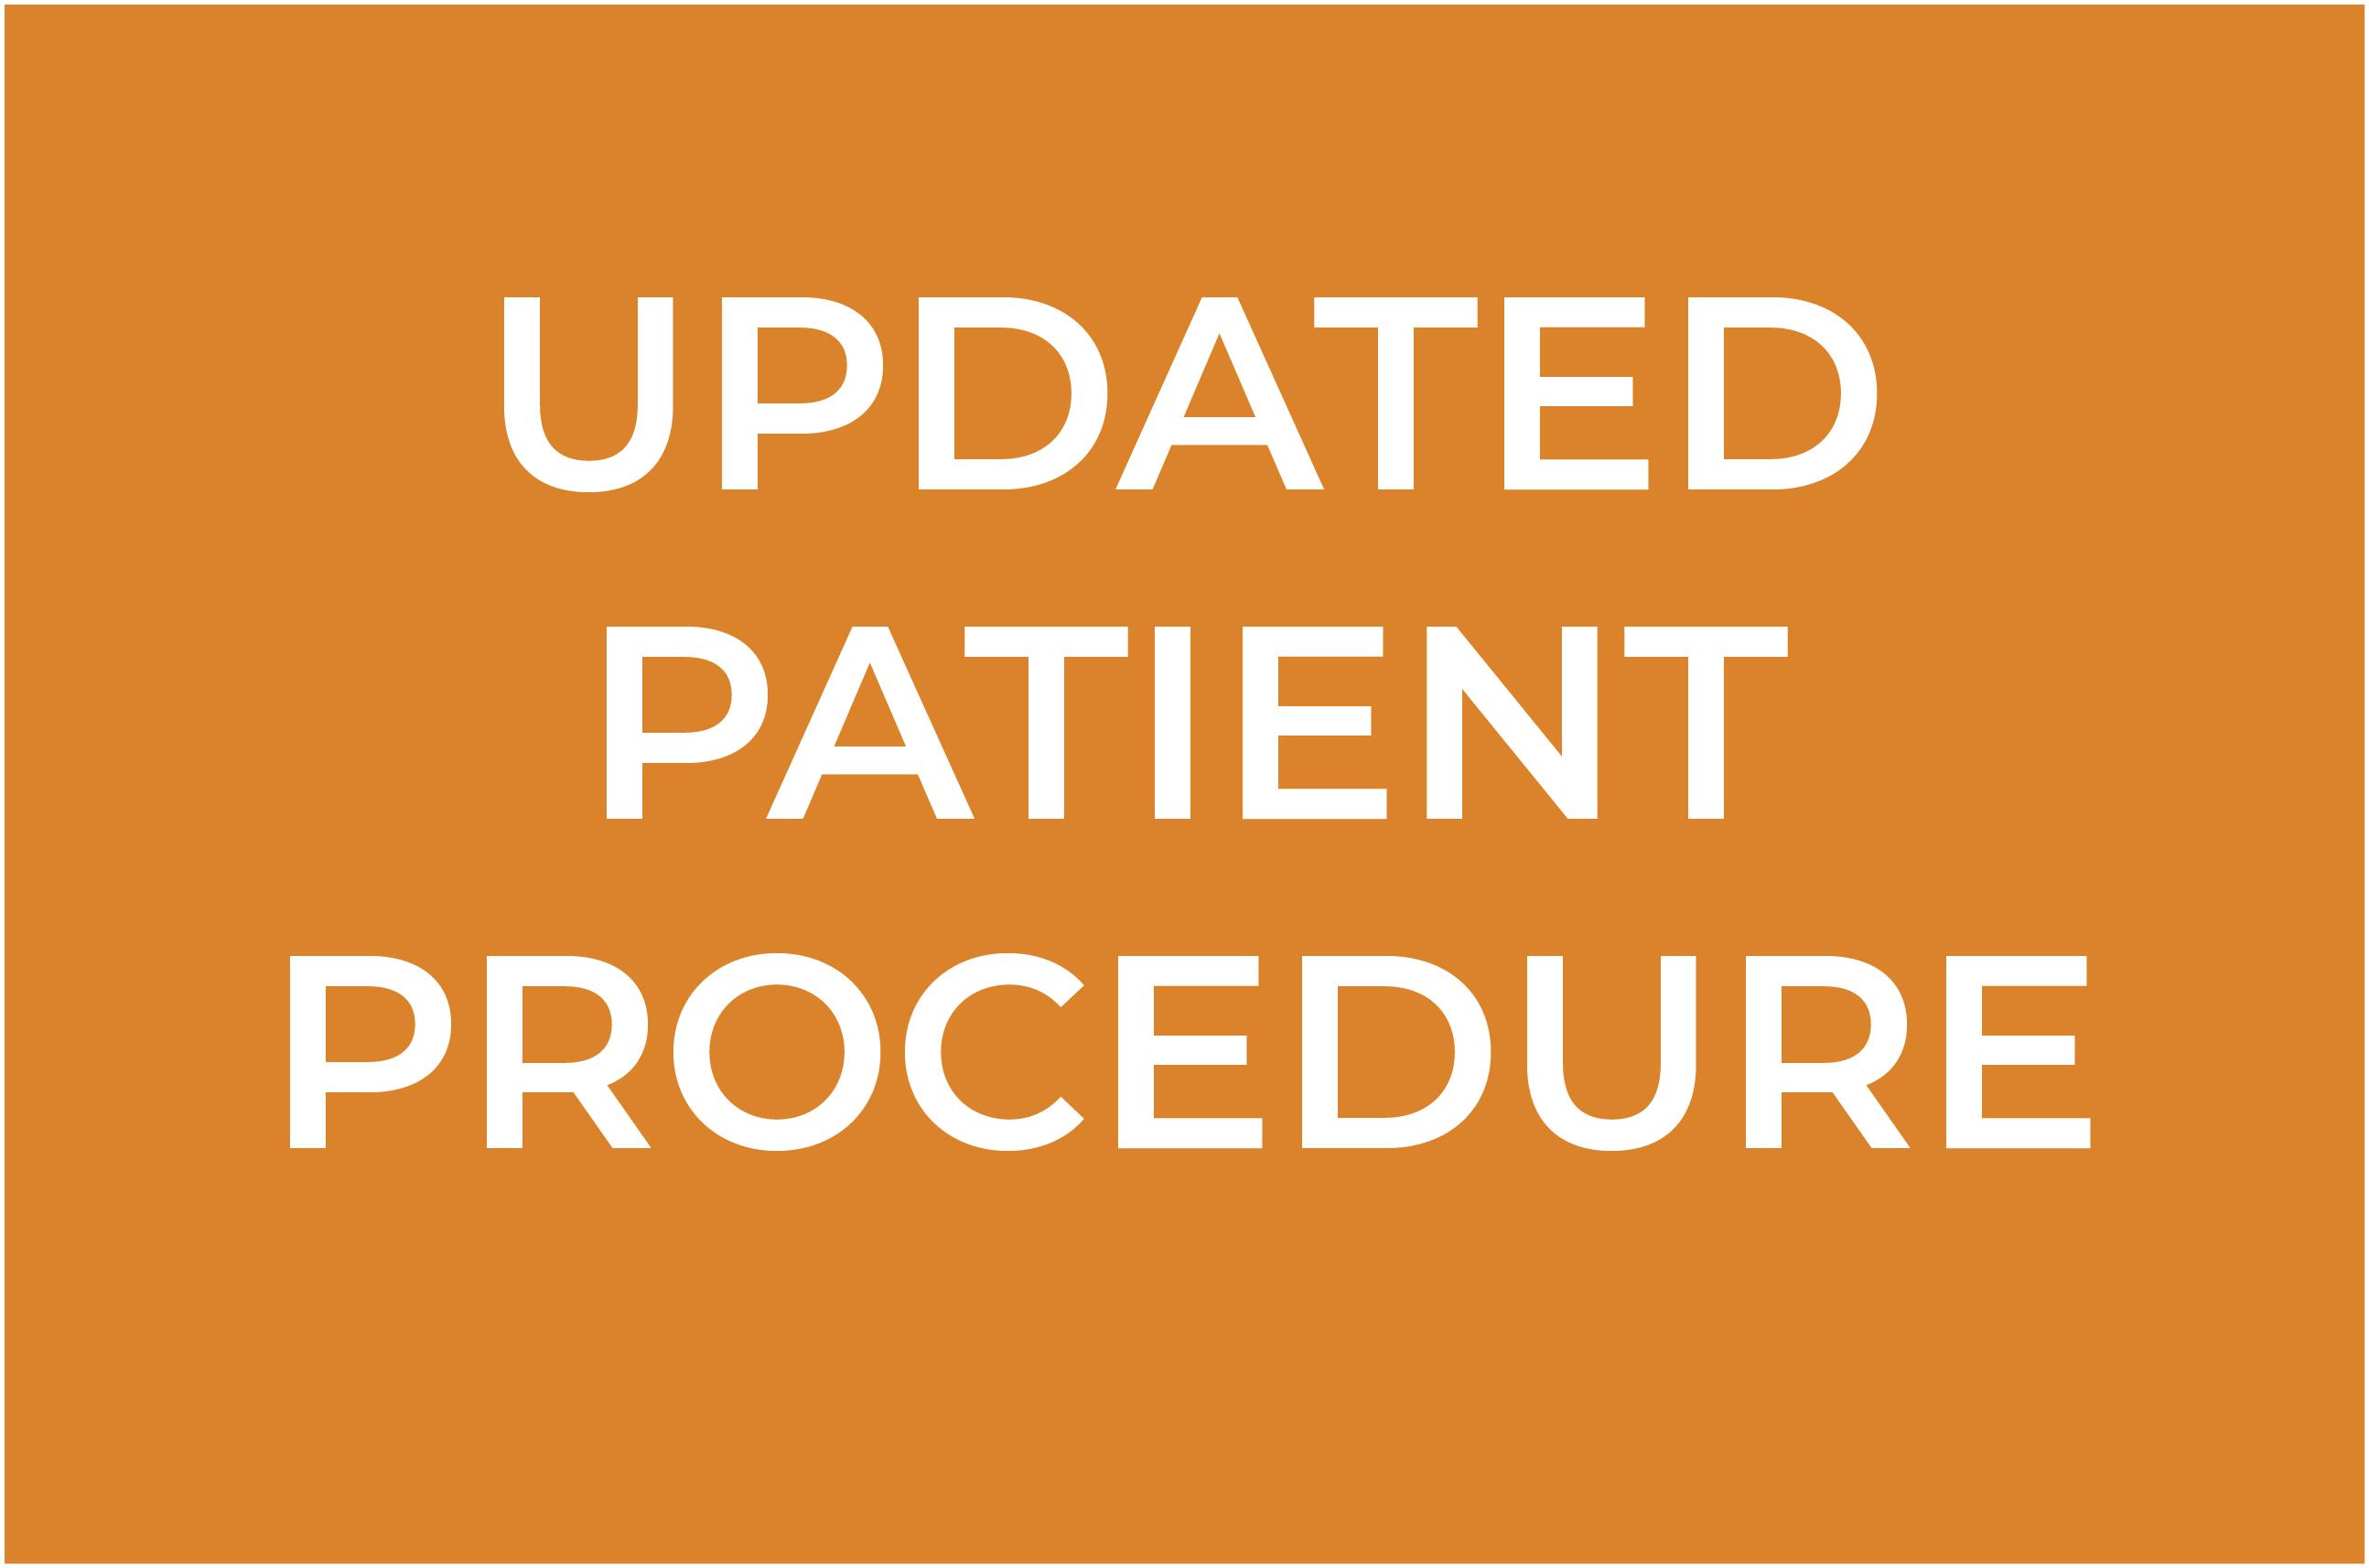 Updated Patient Procedure